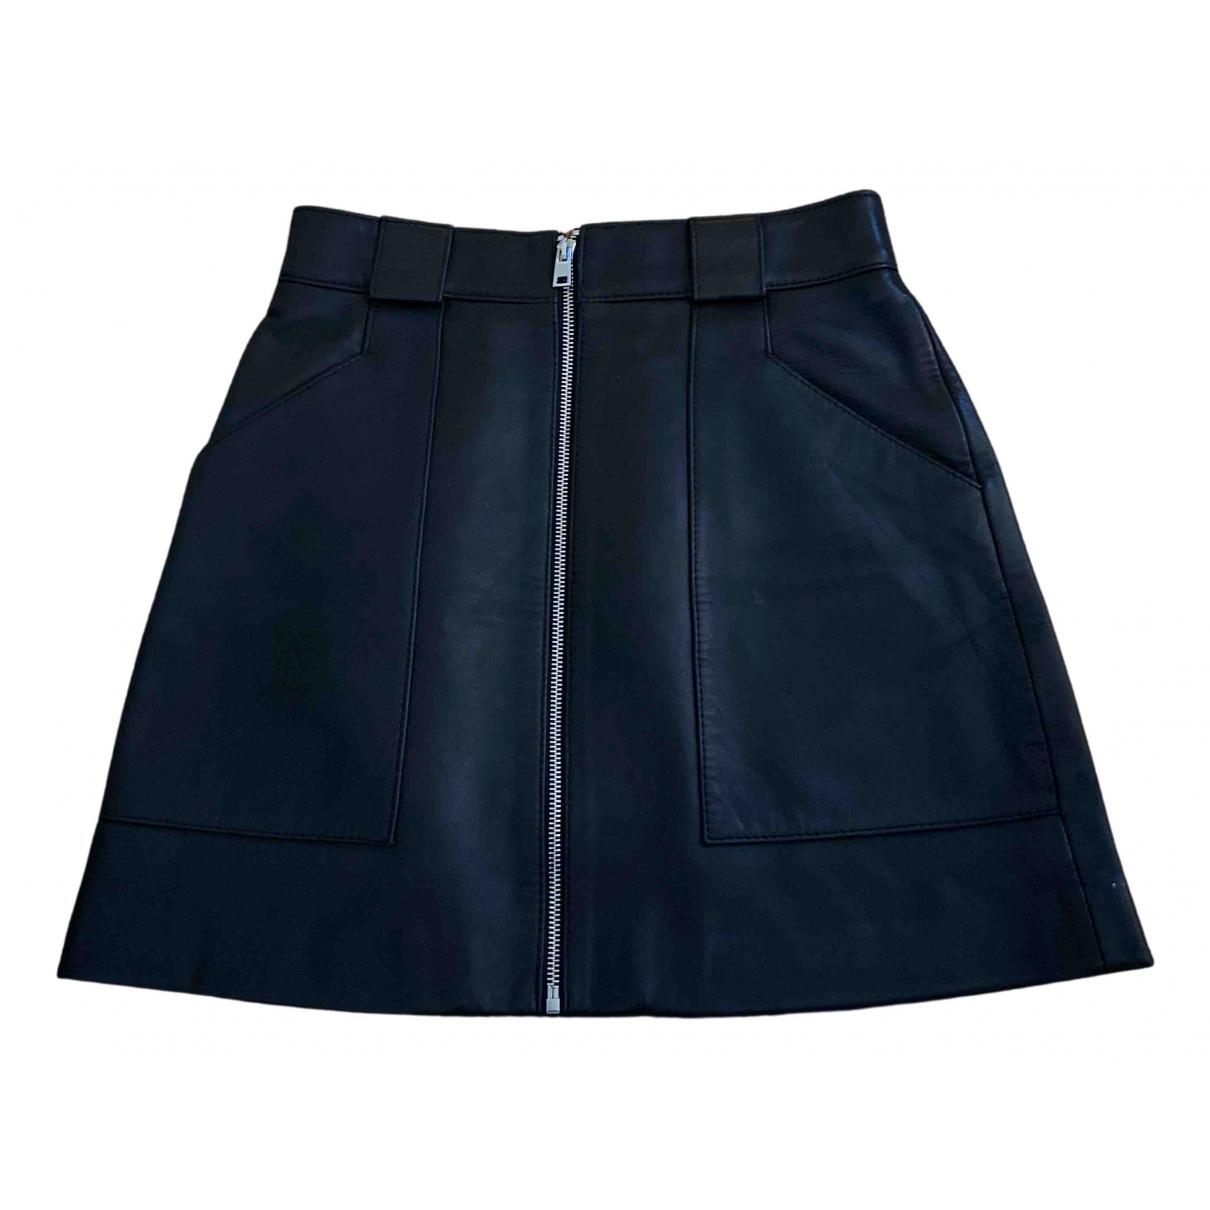 Mini falda Fall Winter 2019 de Cuero Maje